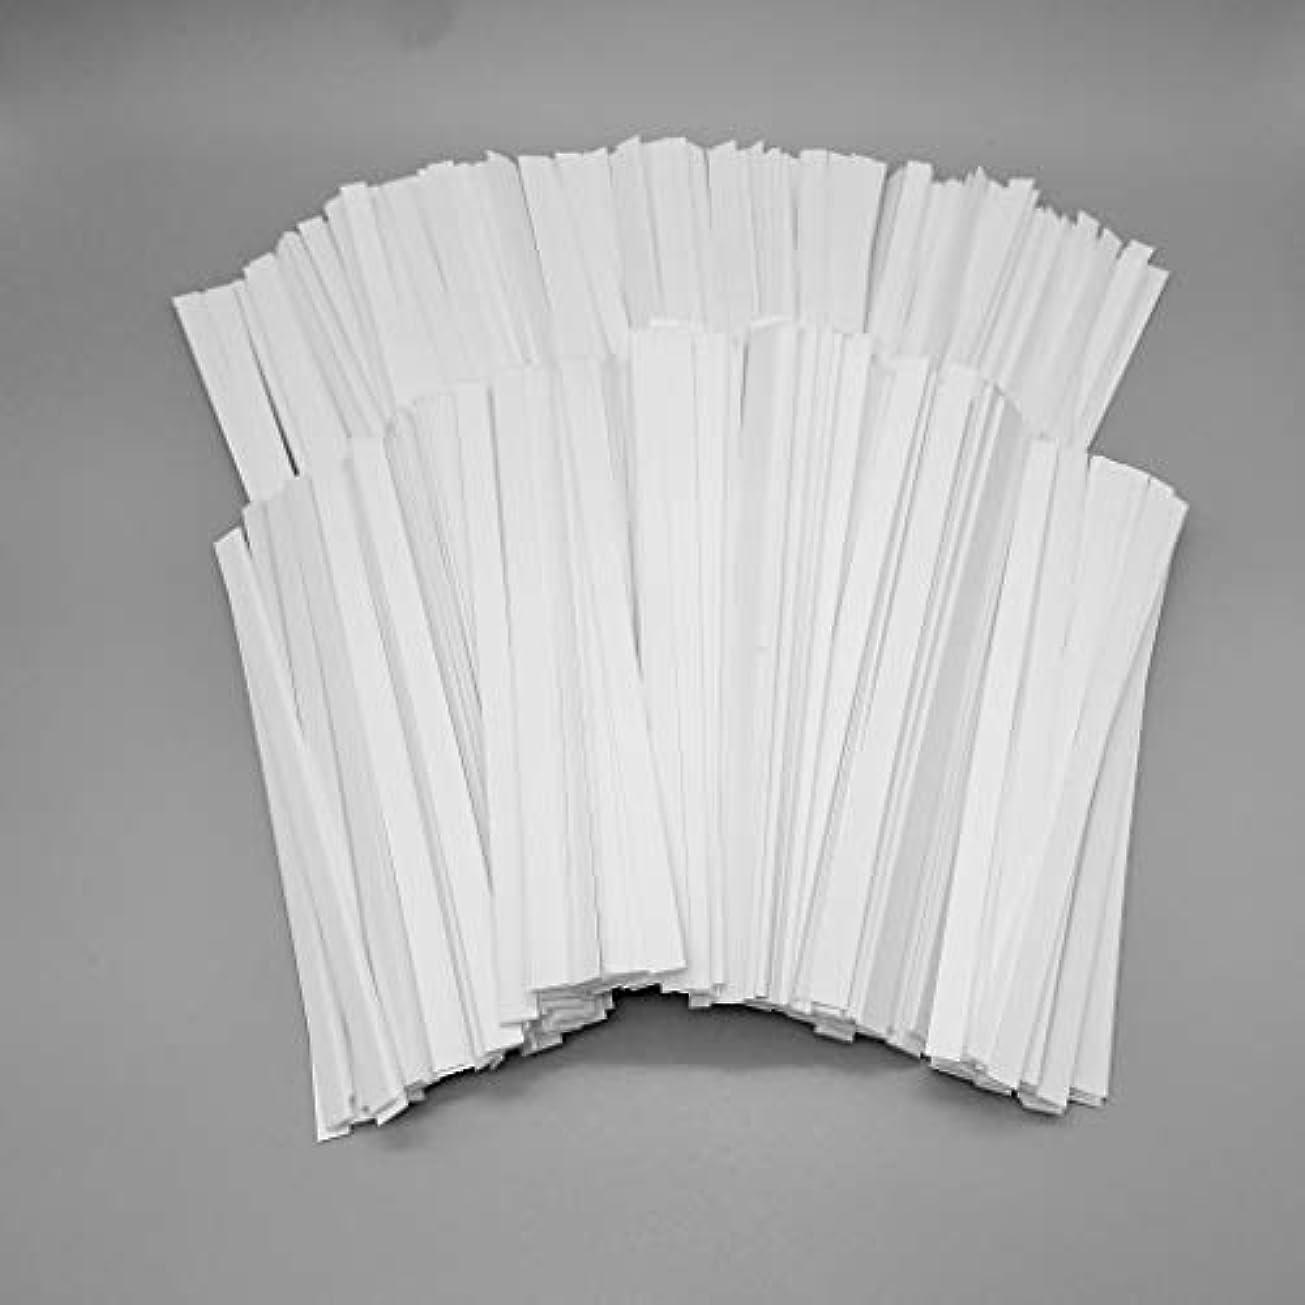 司令官活力お風呂を持っている【オンネネ】ムエット 試香紙 1000本セット 講座?試験用